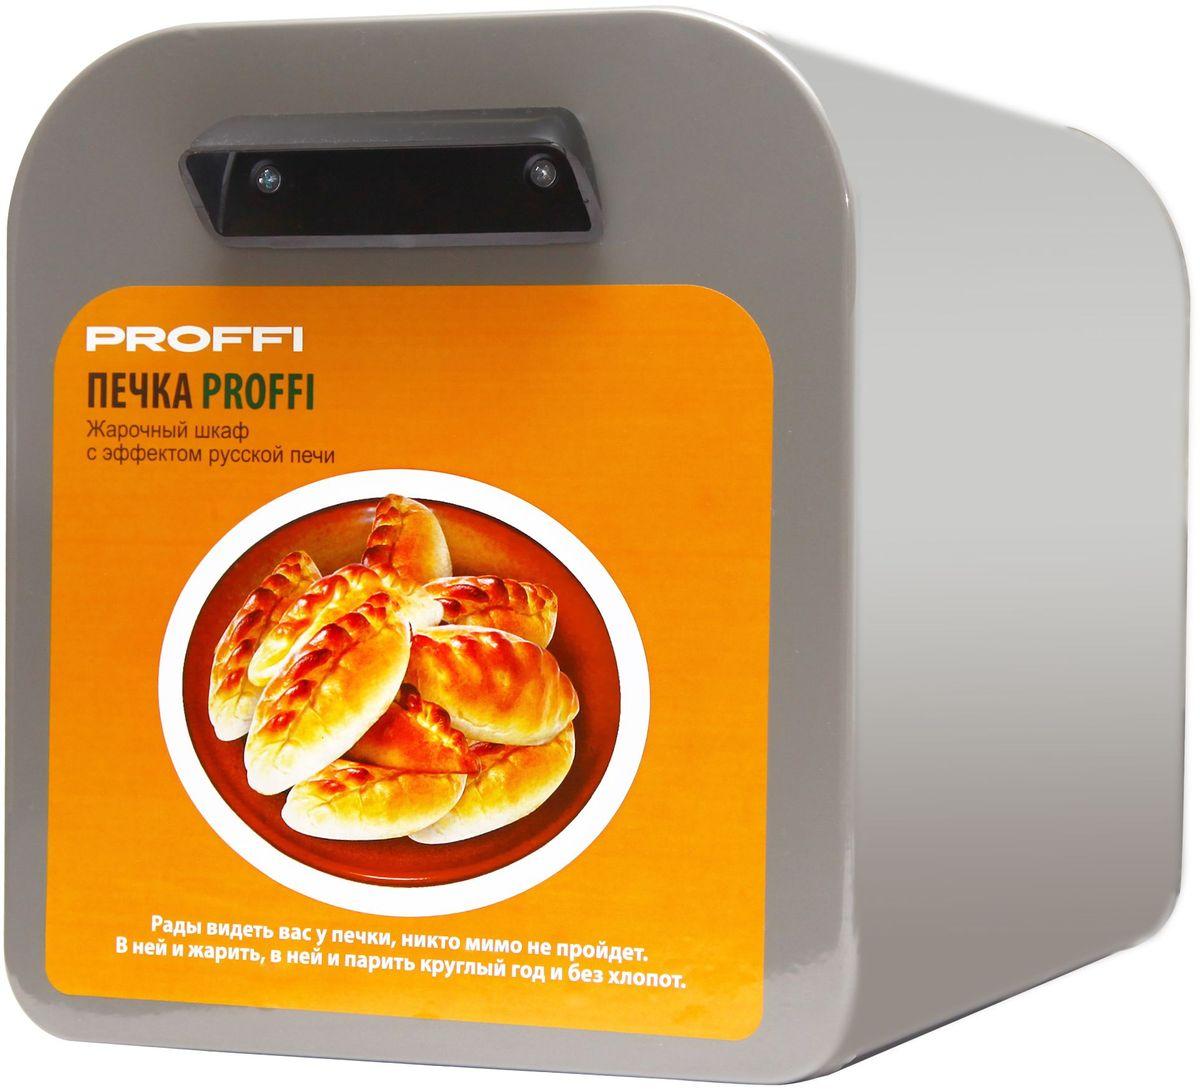 Печка Proffi. PH7567AS 25Печка PROFFI предназначена для выпечки в домашних условиях различных изделий из теста, а также для запекания картофеля и приготовления блюд из мяса, птицы, рыбы. Также в нем можно сушить ягоды, грибы и фрукты. Эффект русской печки.Основные преимущества: 1. Высокие вкусовые качества приготовленных блюд. 2. Увеличенный срок службы (до 20 лет). 3. Гарантийный срок - 24 месяца. 4. Низкое энергопотребление.5. Отсутствие микроволн. 6. Легкость и простота эксплуатации. Технические характеристики:Размер жарочного шкафа: 350 x 250 x 280 мм. Внутренние размеры: 315 x 205 x 205 мм. Масса: 6 кг.Номинальное напряжение: 220 В. Номинальная потребляемая мощность: 0,625 кВт. Время разогрева до температуры 250 С: 20 мин.